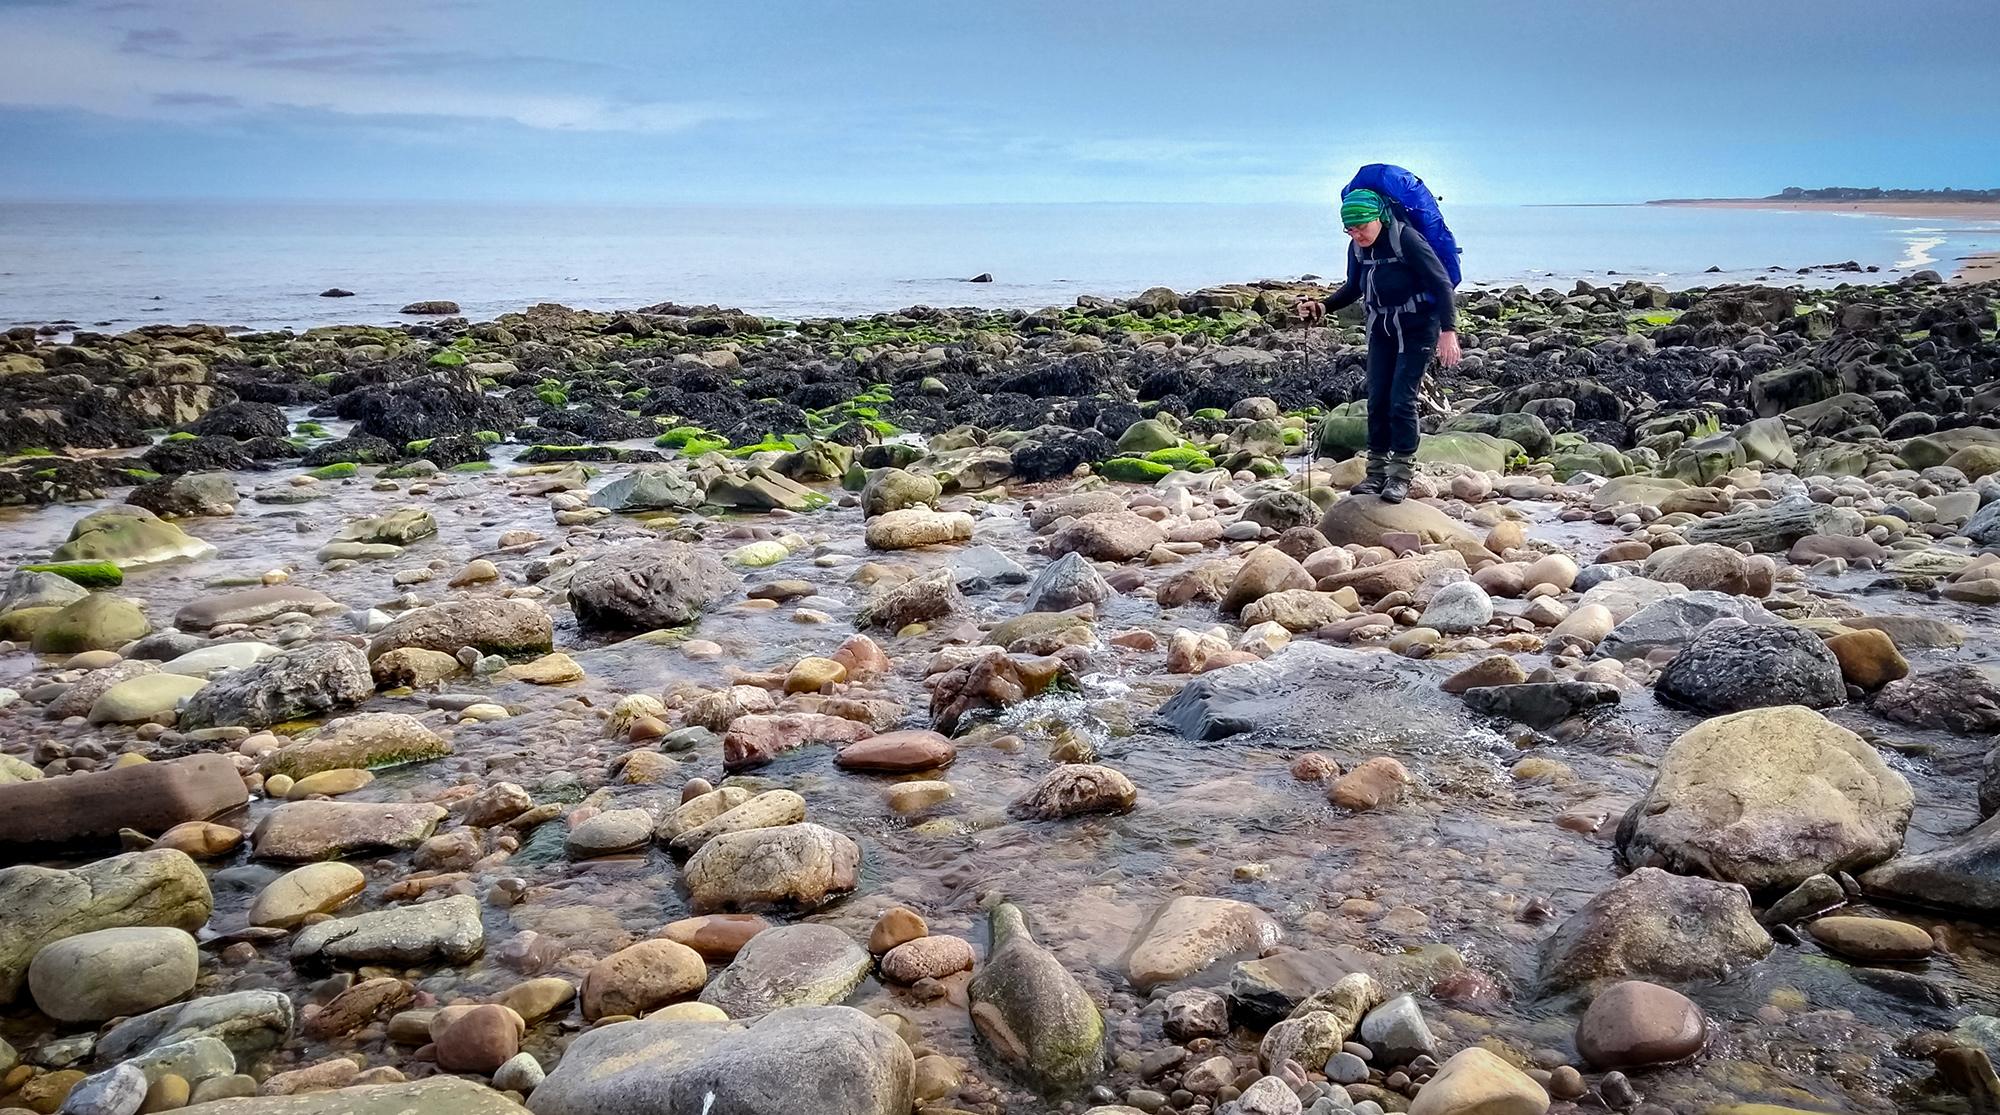 Frau mit Rucksack balanciert über Steine in einem Fluss